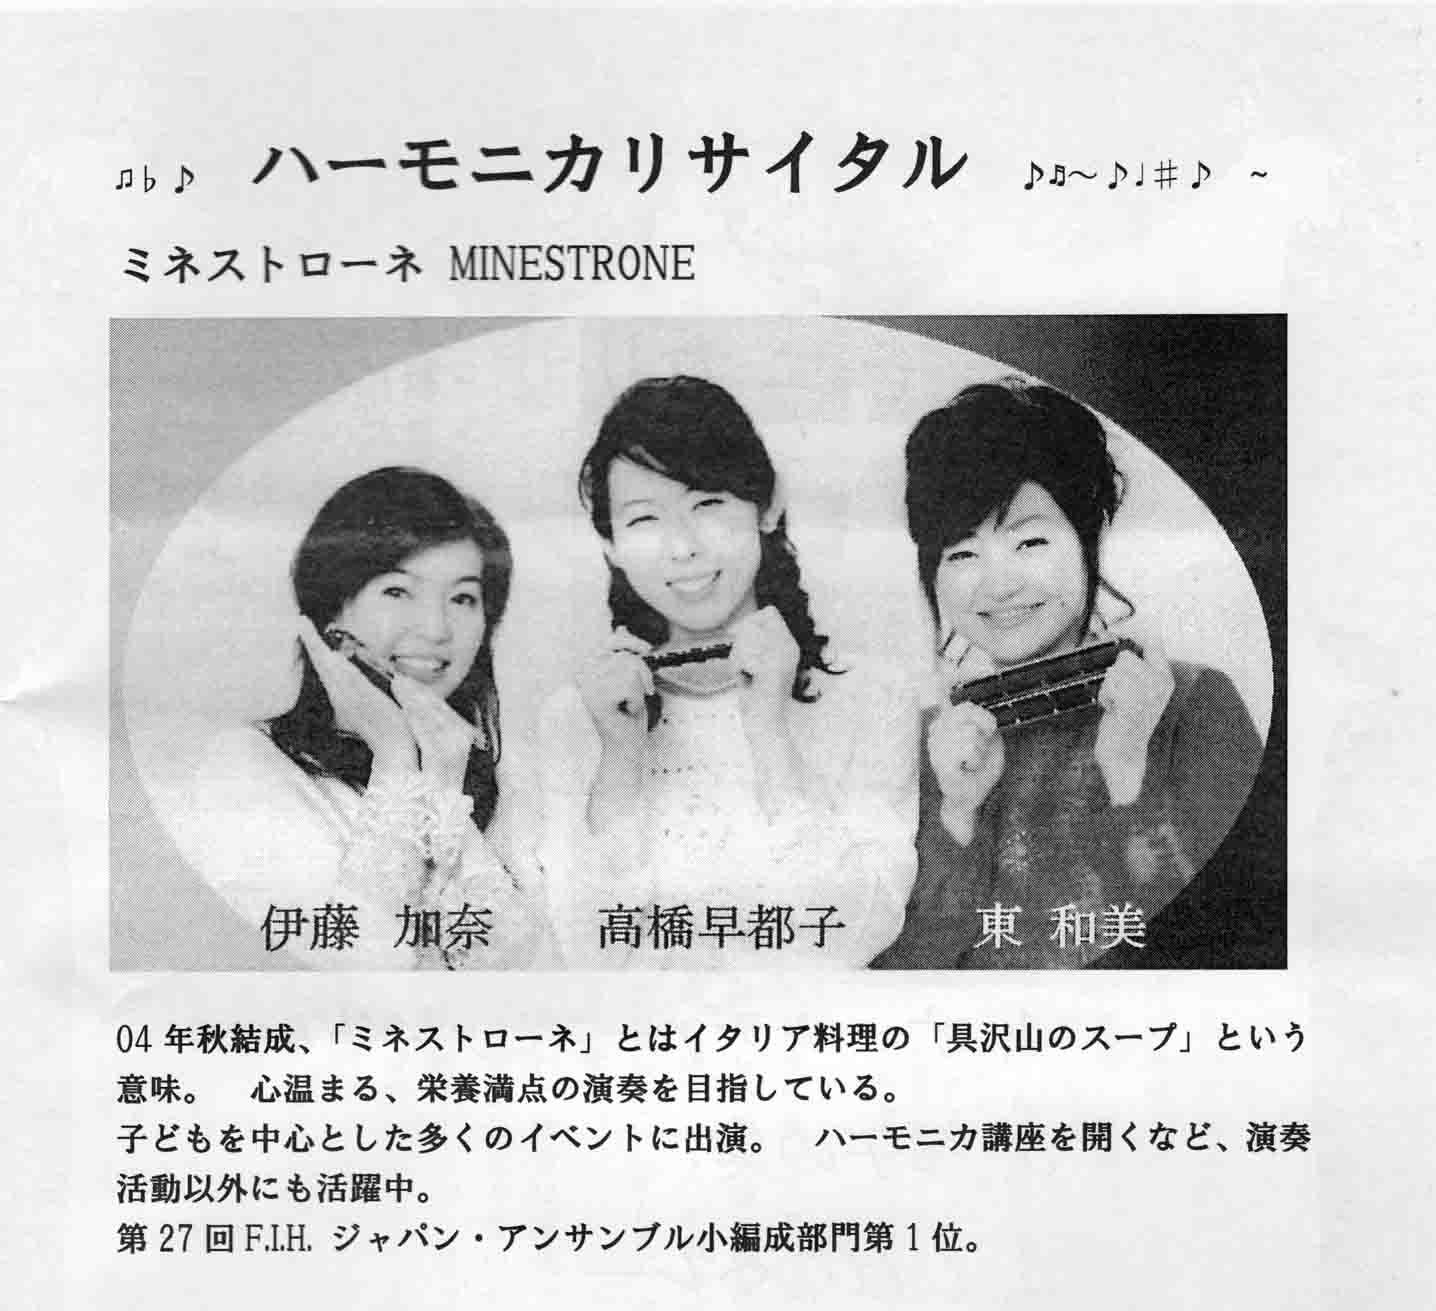 ミネストローネ005A